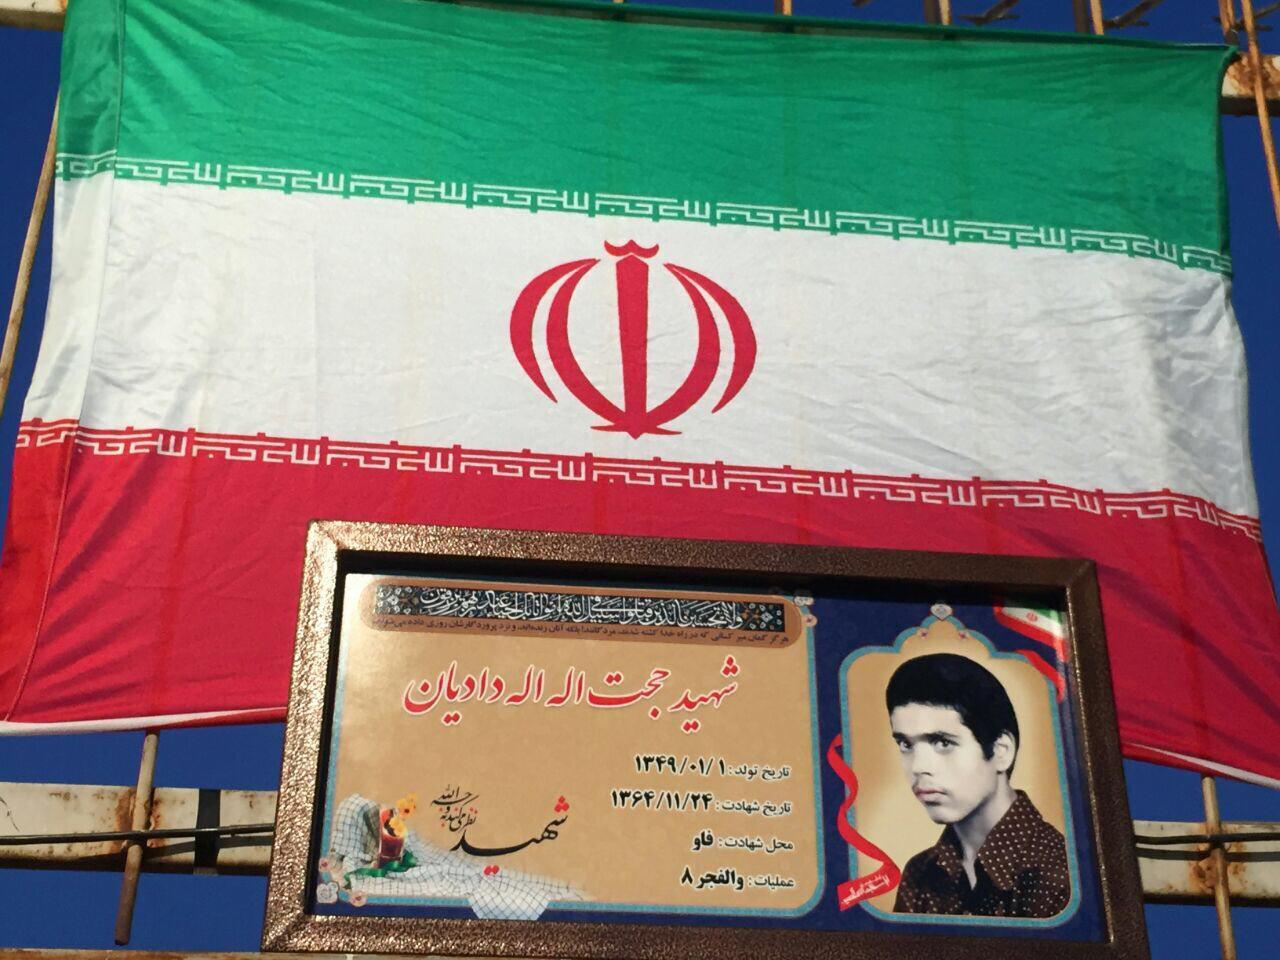 دومین مراسم شهیدآبروی محله درفلاورجان برگزارشد